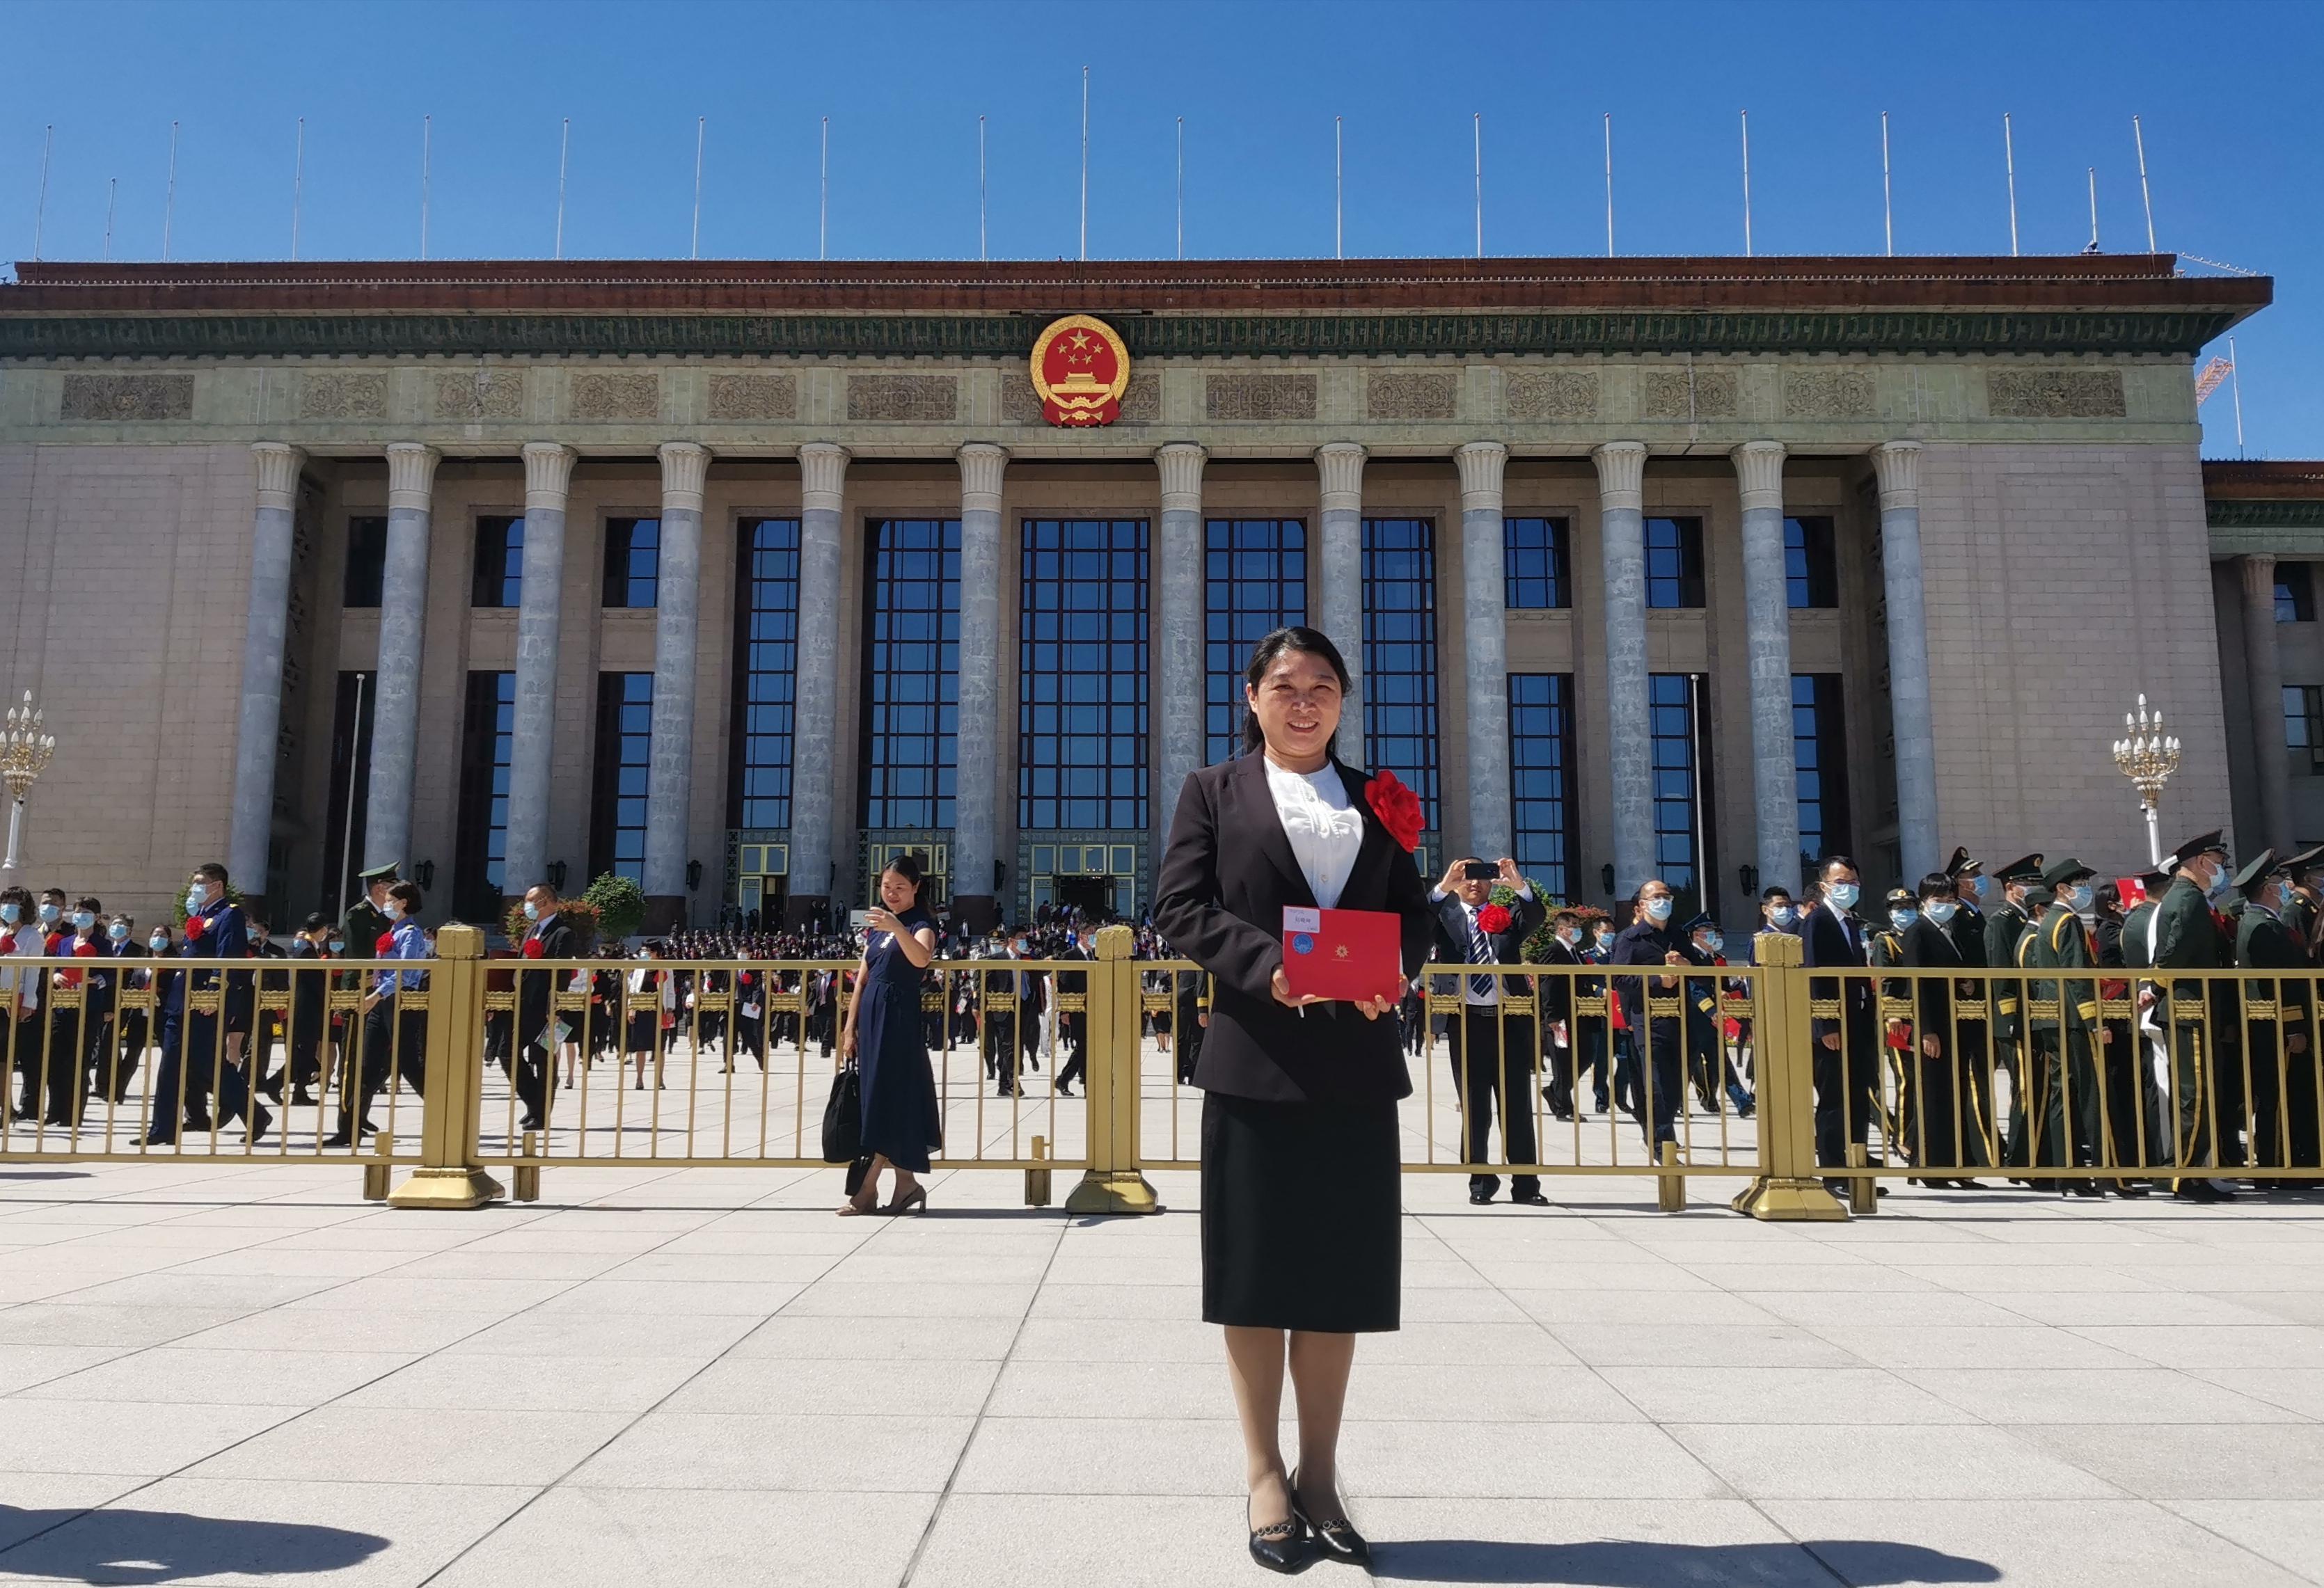 喜报,宜宾二医院赵晓玲同志今天在人民大会堂接受表彰!